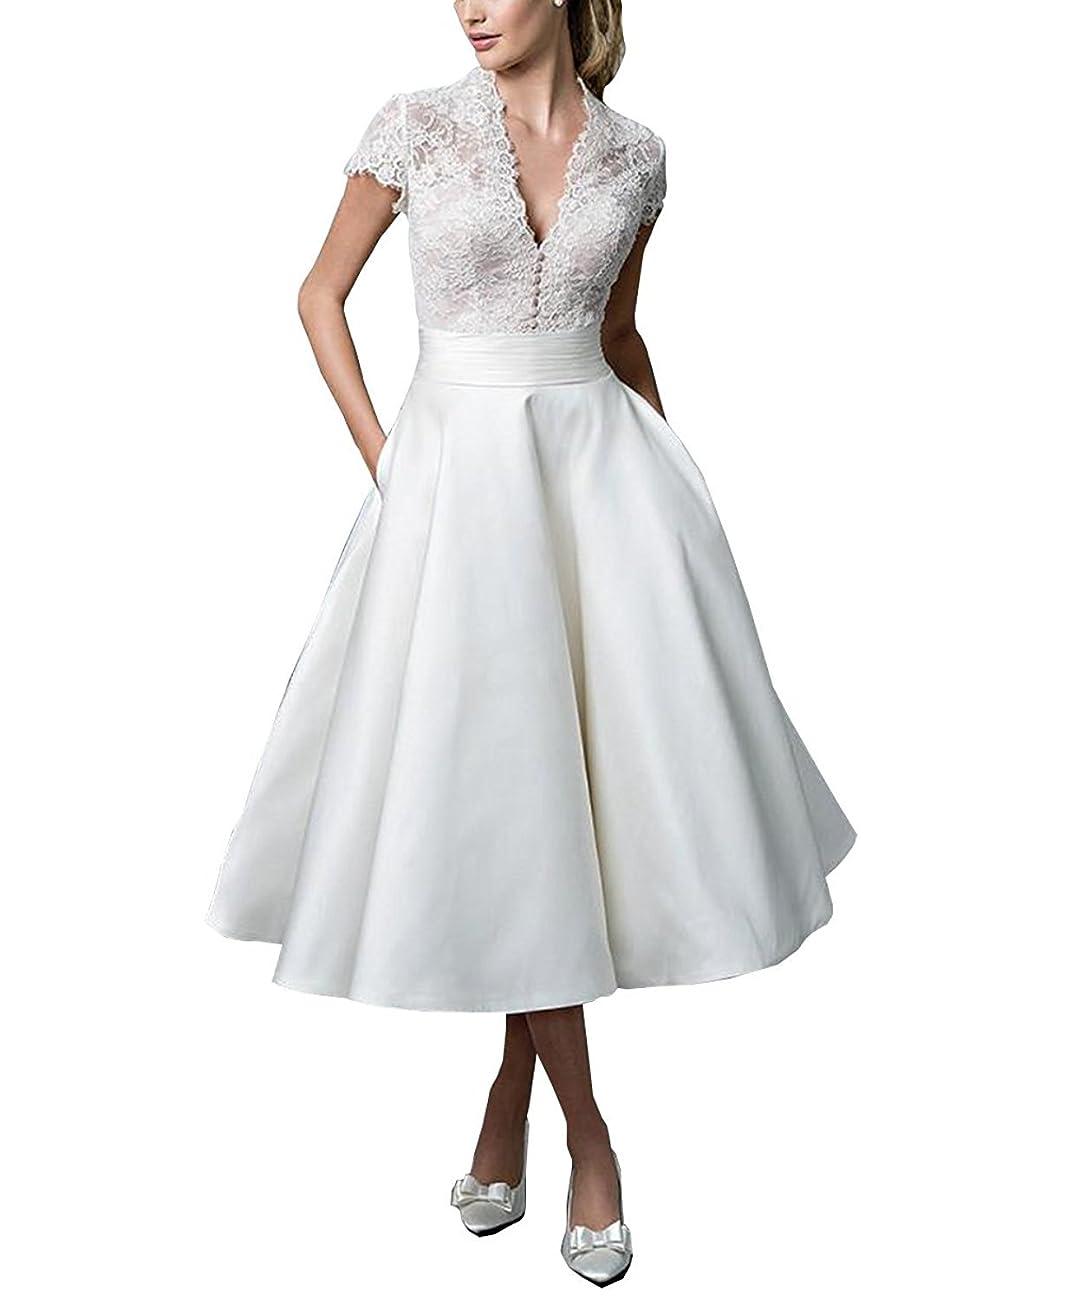 Fashionbride Women's Lace Tea Length A Line Vintage Wedding Dress Bridal Gown F364 0